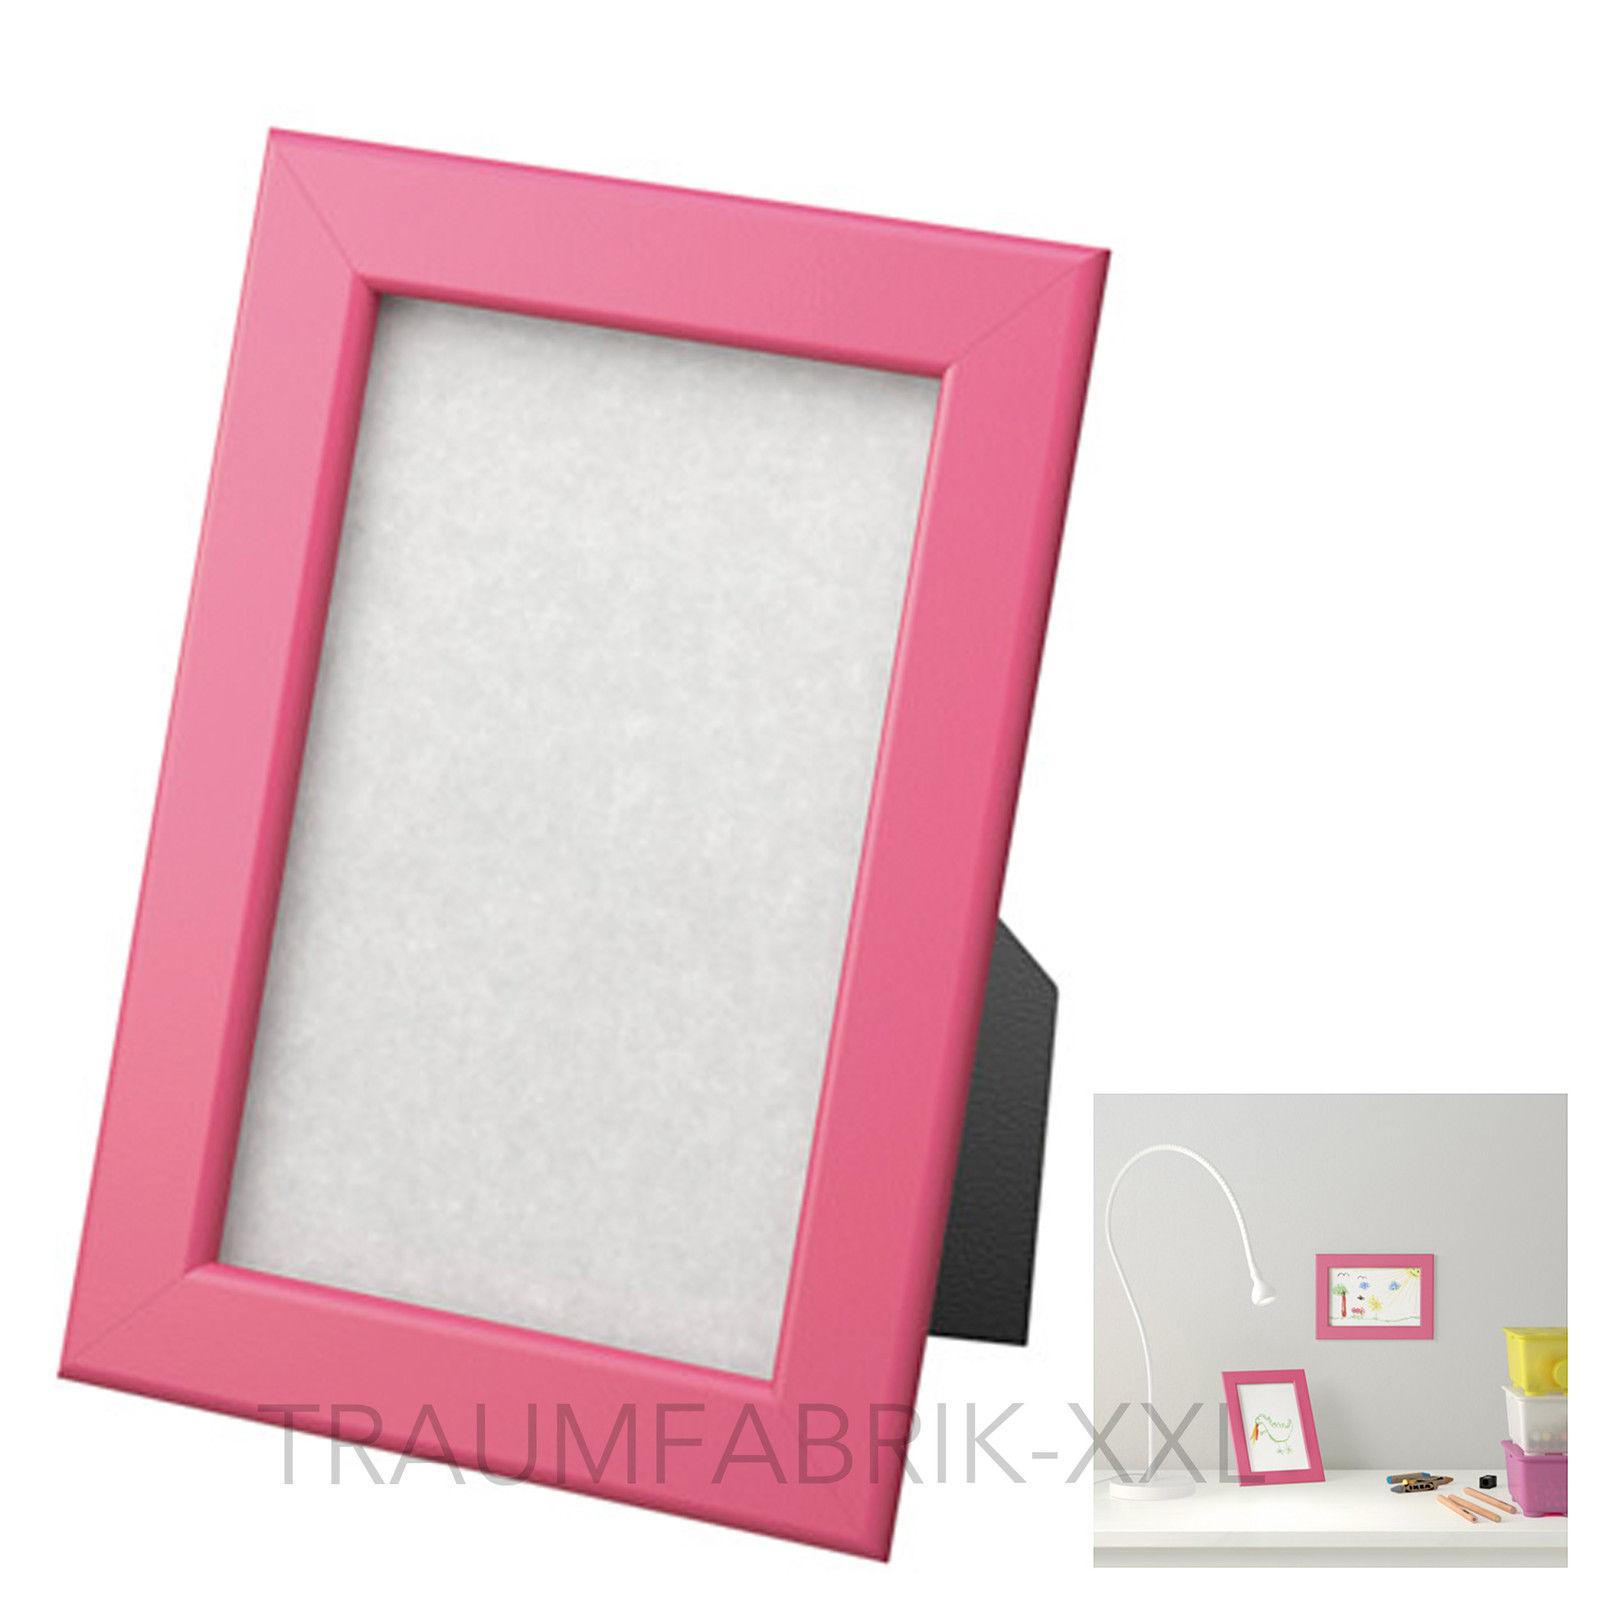 ikea fiskbo rahmen in rosa pink 10 15 cm bilderrahmen fotorahmen neu ovp traumfabrik xxl. Black Bedroom Furniture Sets. Home Design Ideas